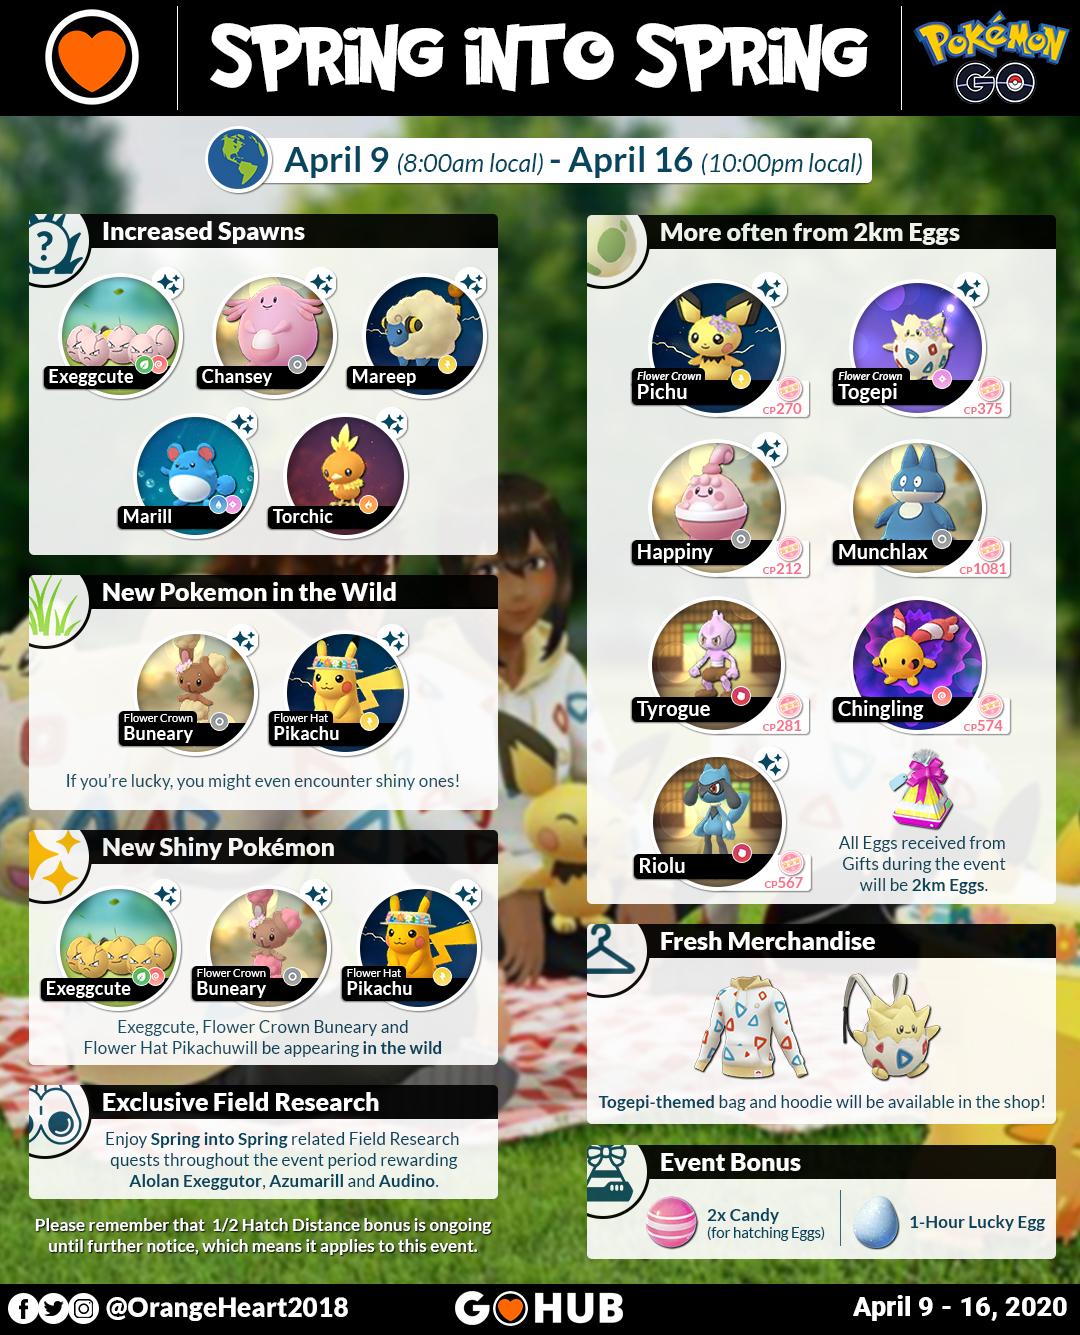 Pokémon GO Spring Event 2020 info graphic